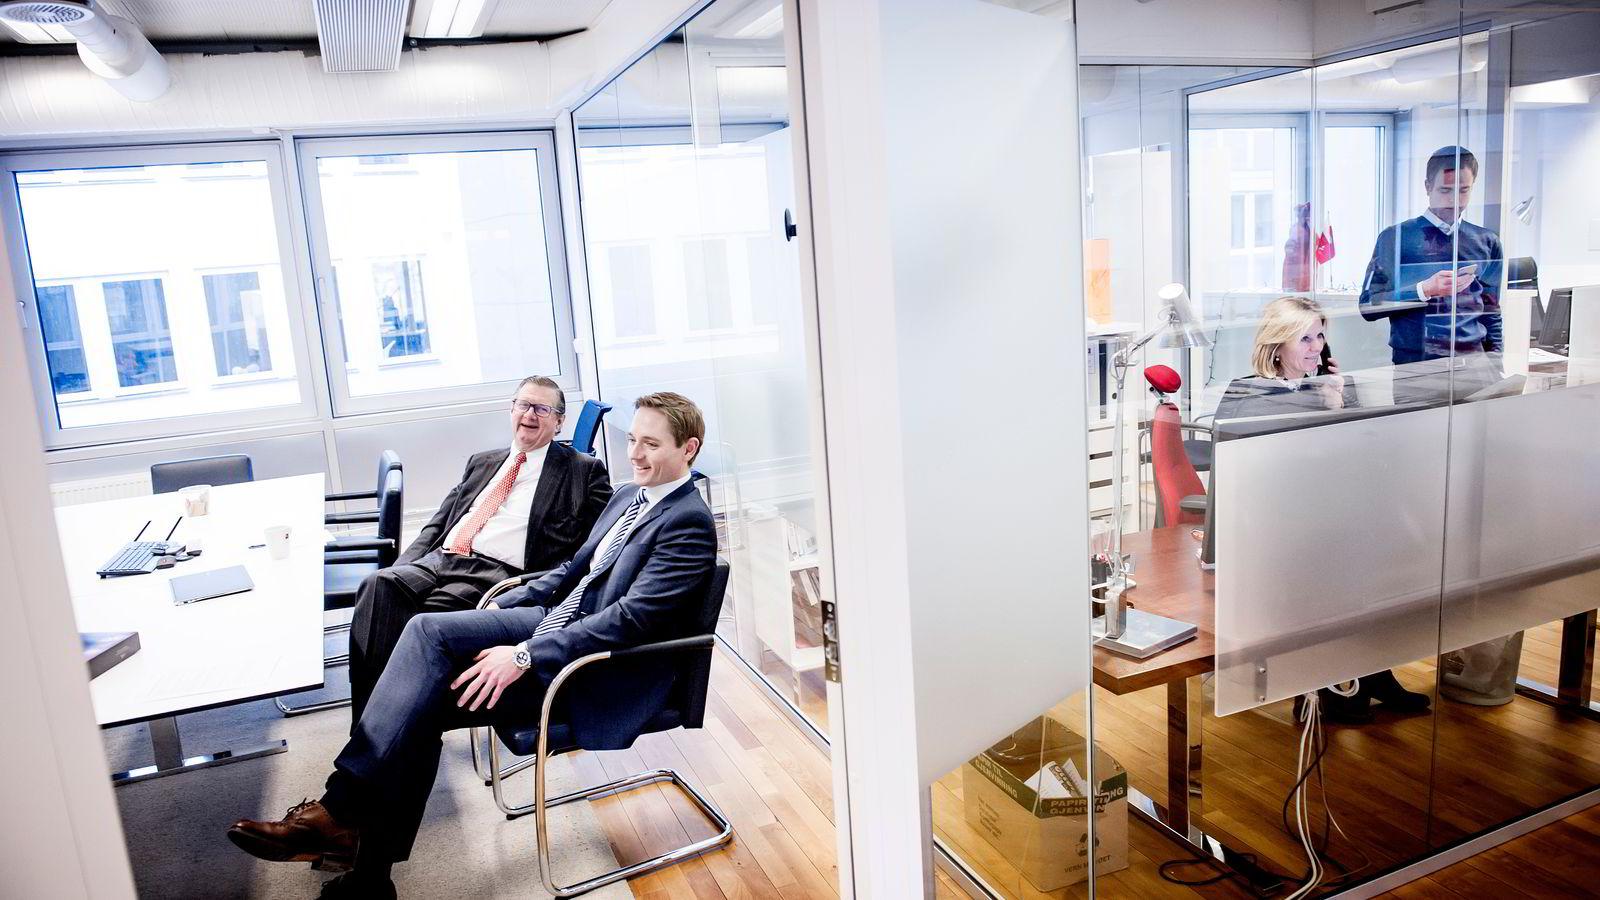 Aage Figenschou (til venstre) er styreleder og Andreas Reklev er finansdirektør i Eitzen Chemical, som nå skifter navn til Team Tankers International. I naborommet forbereder Unni Zetterquist Thorsen og Knut Sørngård til ekstraordinær generalforsamling. Foto: Gorm Gaare